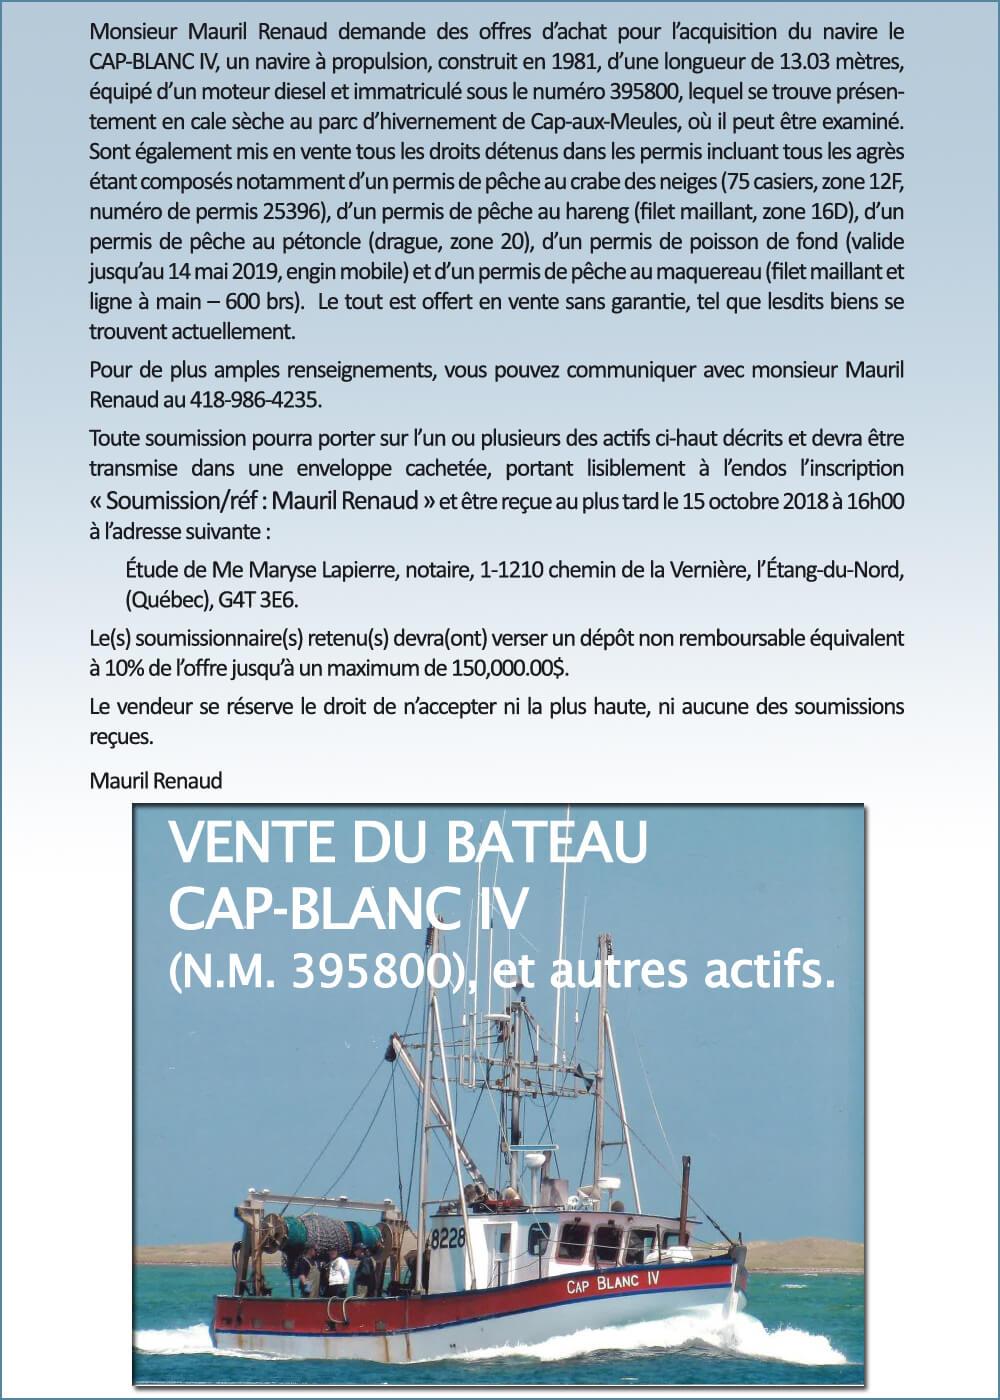 VENTE DU BATEAU CAP-BLANC IV (N.M. 395800), et autres actifs.